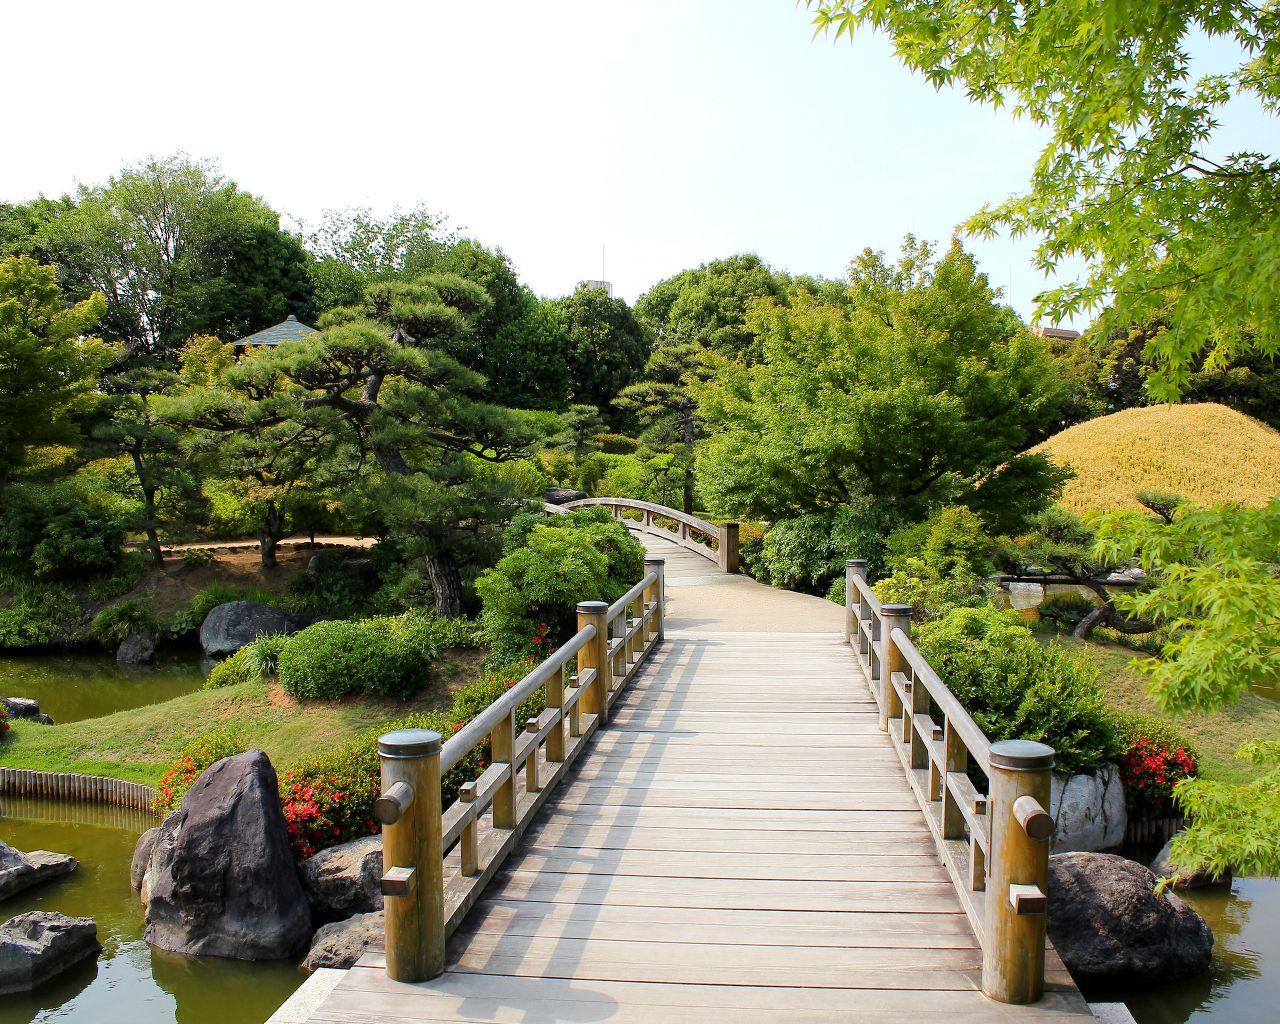 日本庭園の画像 p2_26